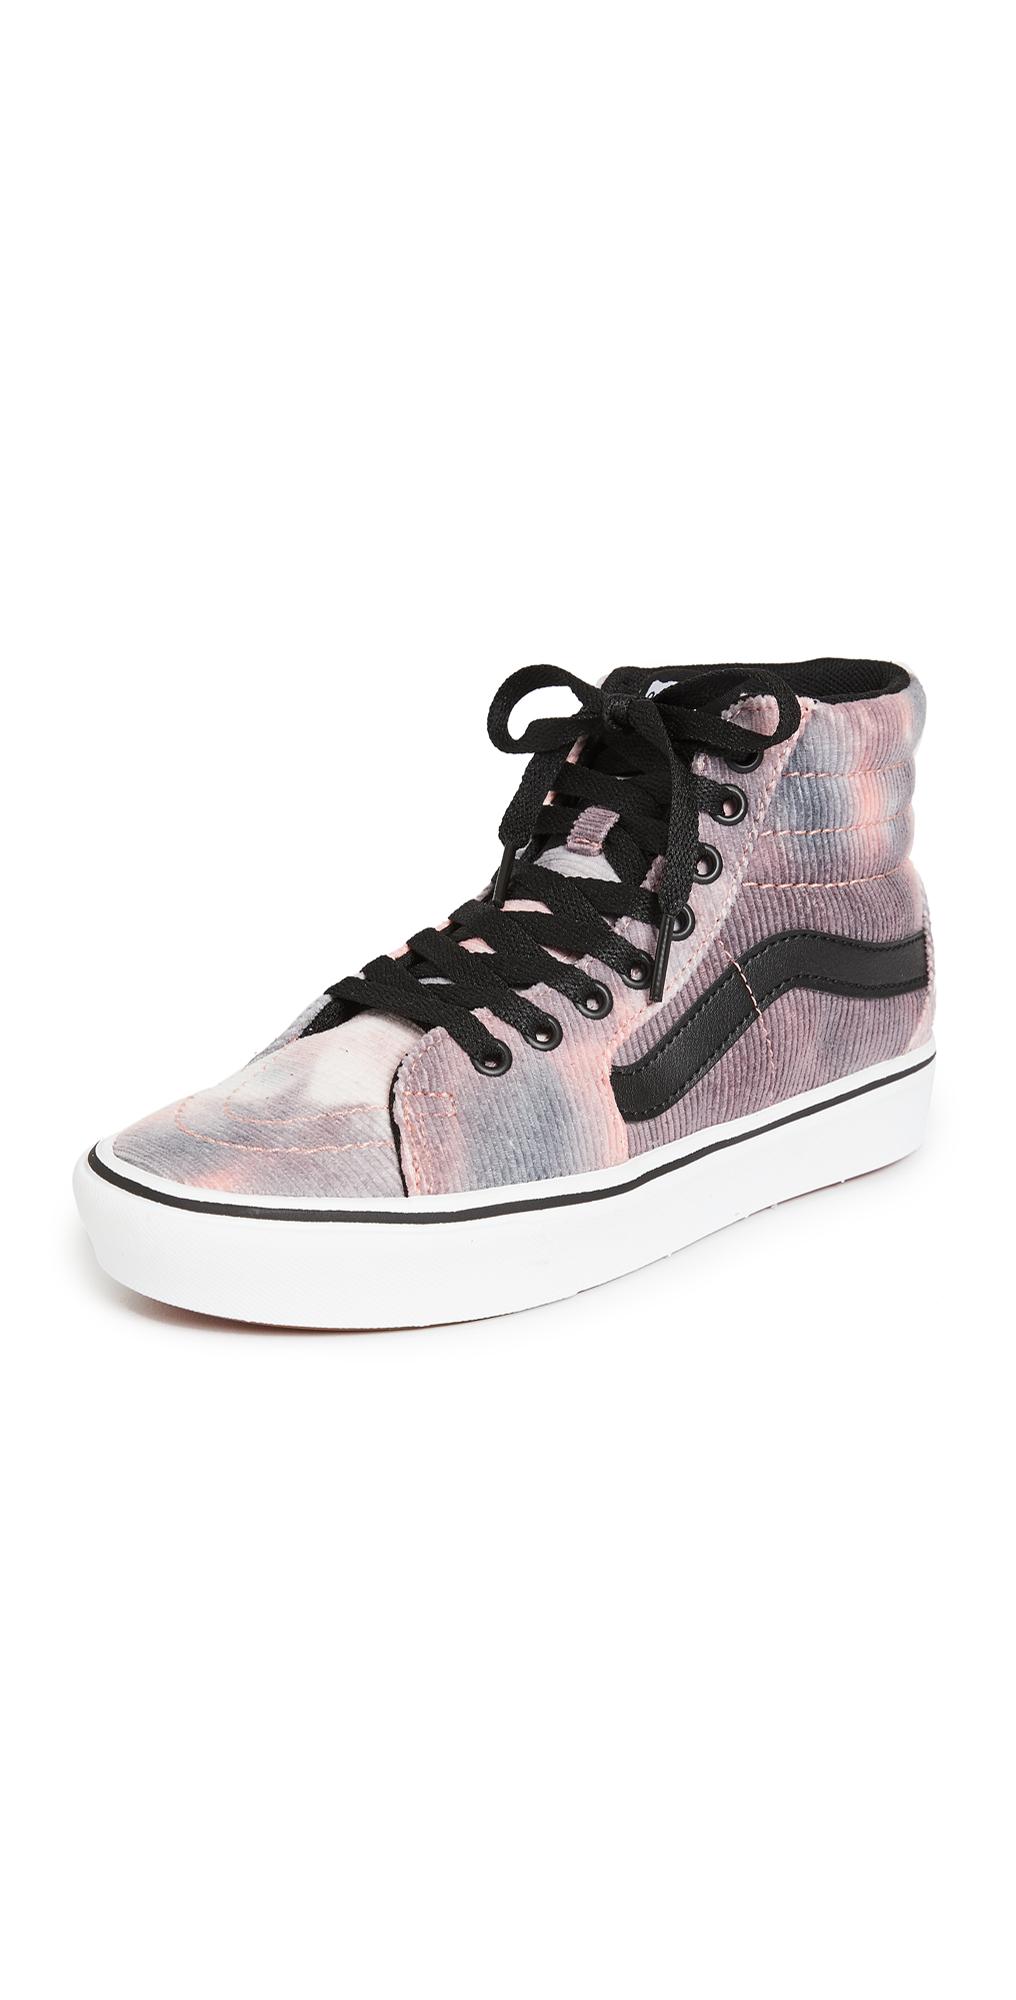 Vans UA Comfycush Sk8-Hi Sneakers